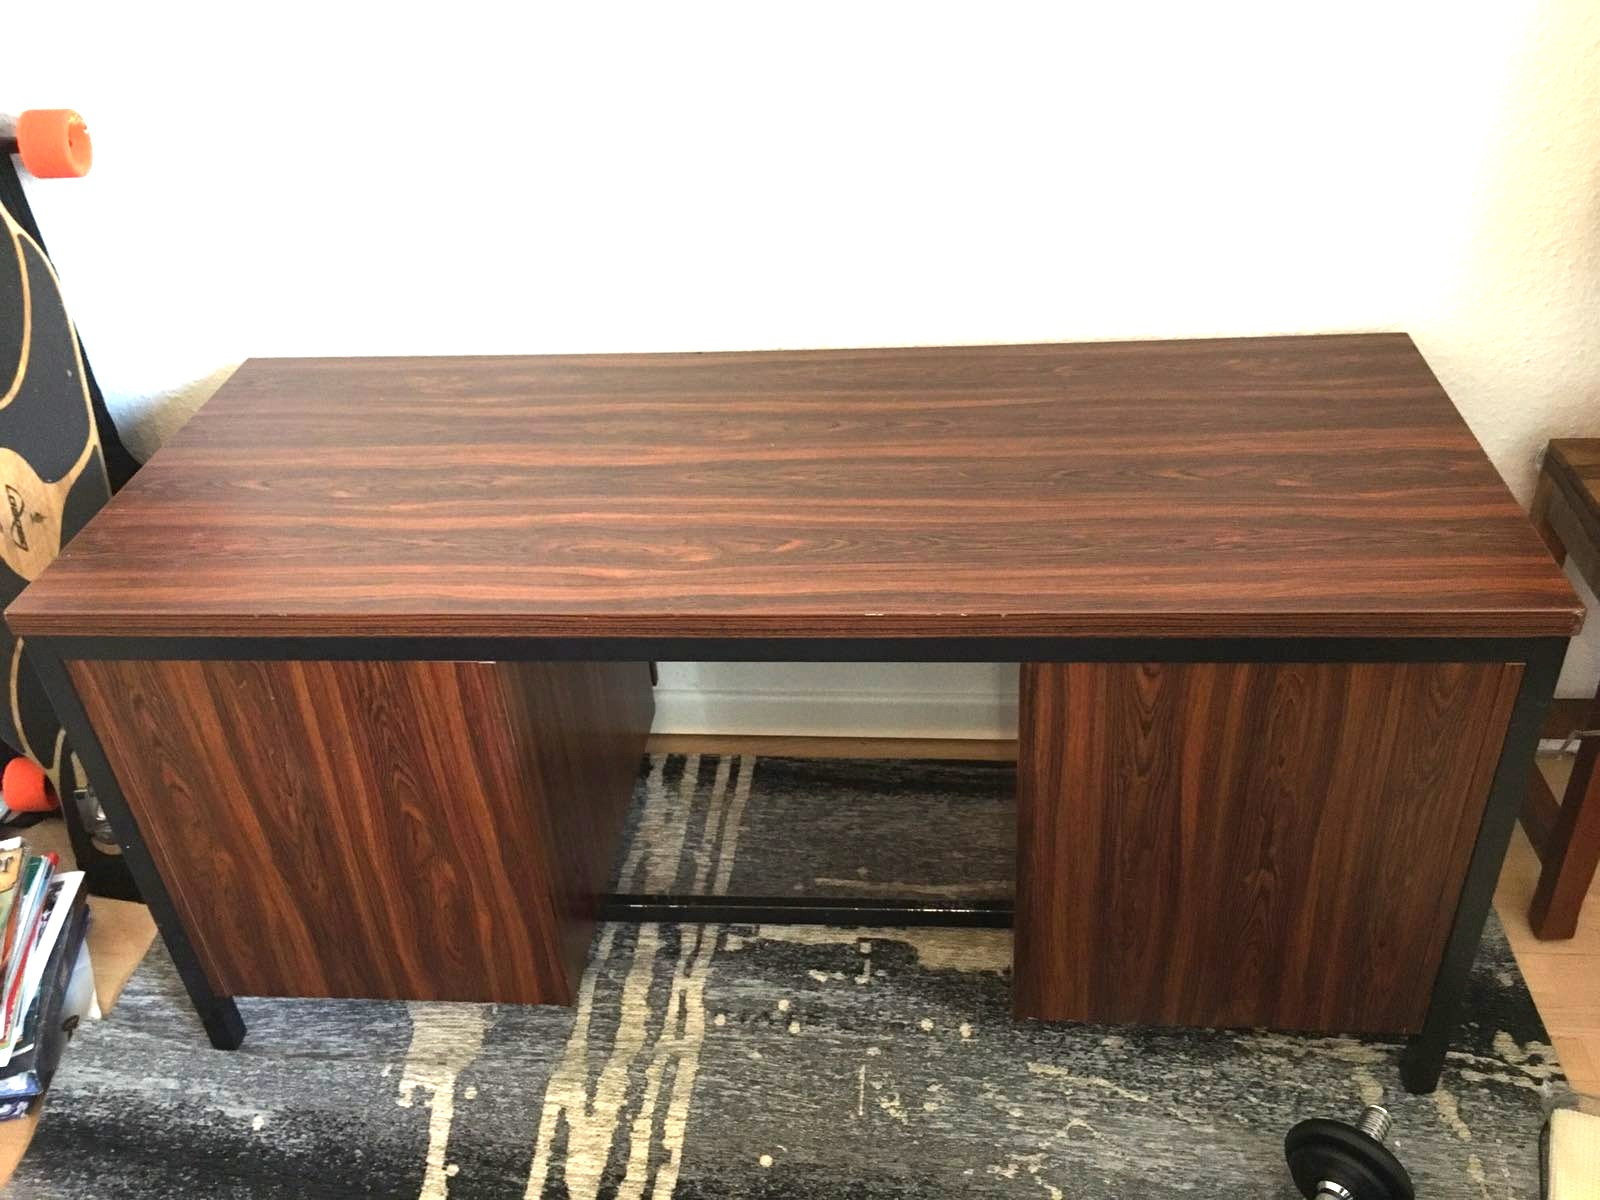 Schreibtisch arbeitstisch tisch b rotisch b ro febr 8 for Schreibtisch lang